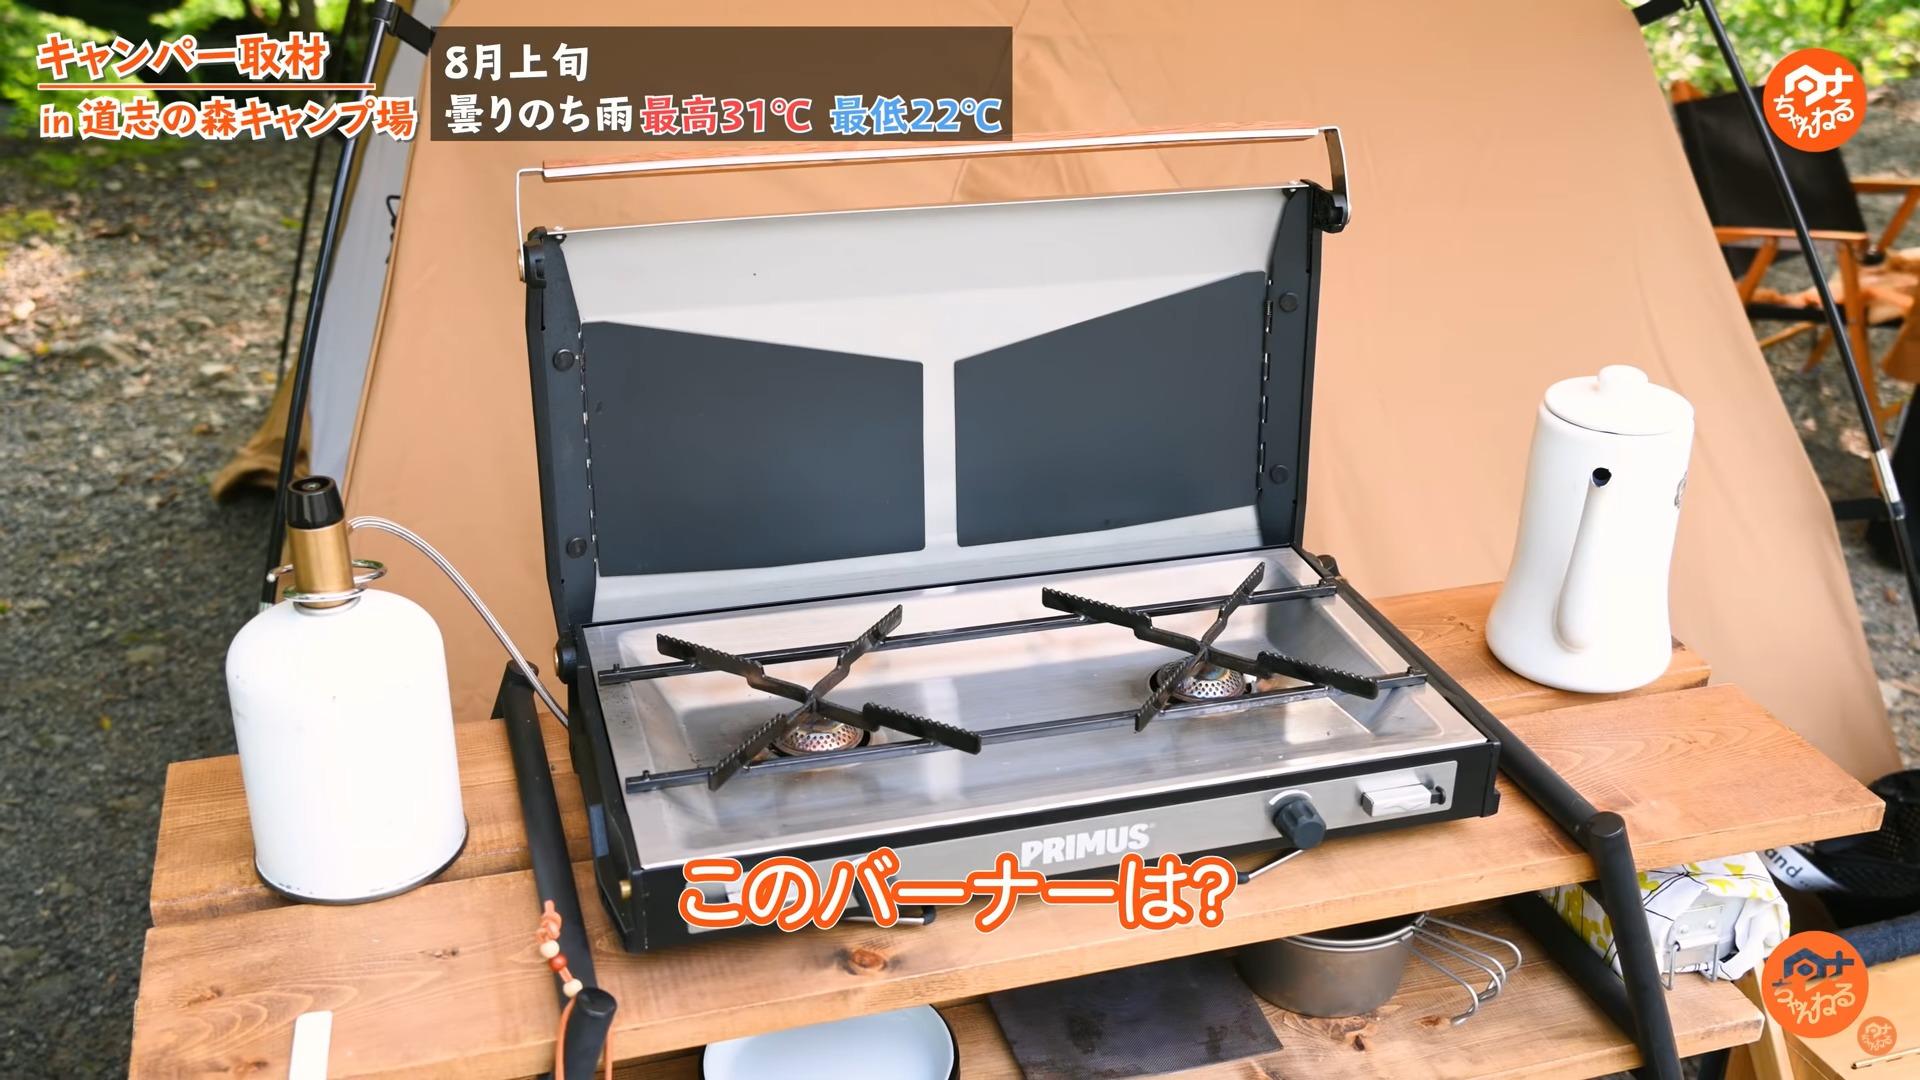 バーナー:【PRIMUS(プリムス)】 トゥピケ  Tupike Single Fuel Stove